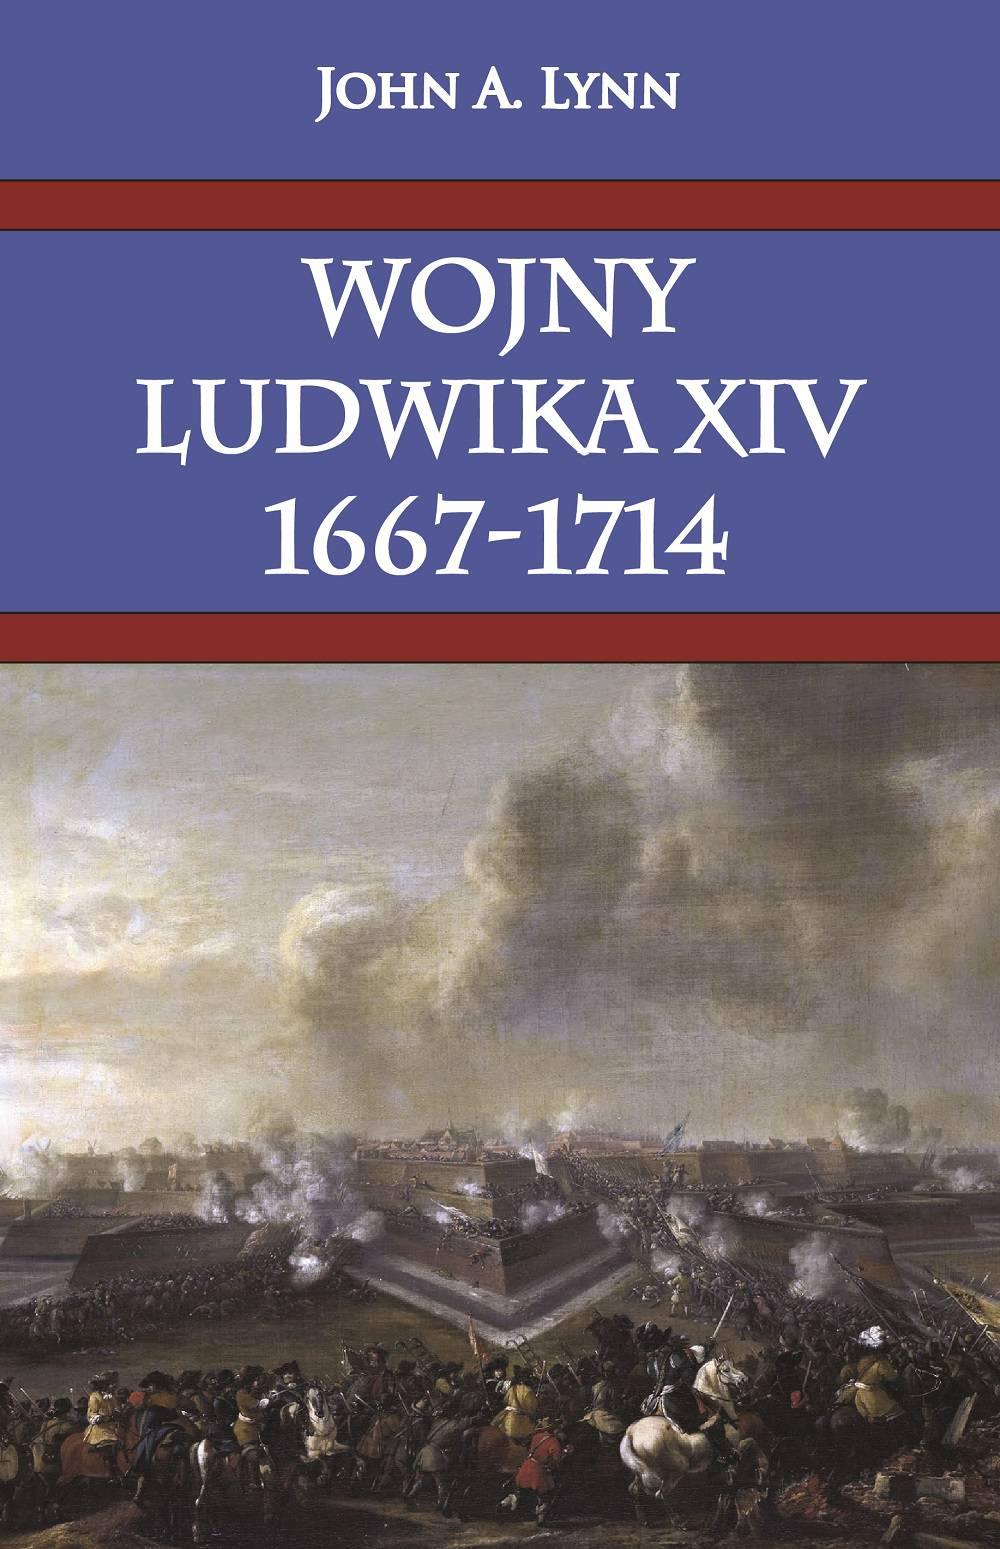 Wojny Ludwika XIV 1667-1714 - Ebook (Książka EPUB) do pobrania w formacie EPUB